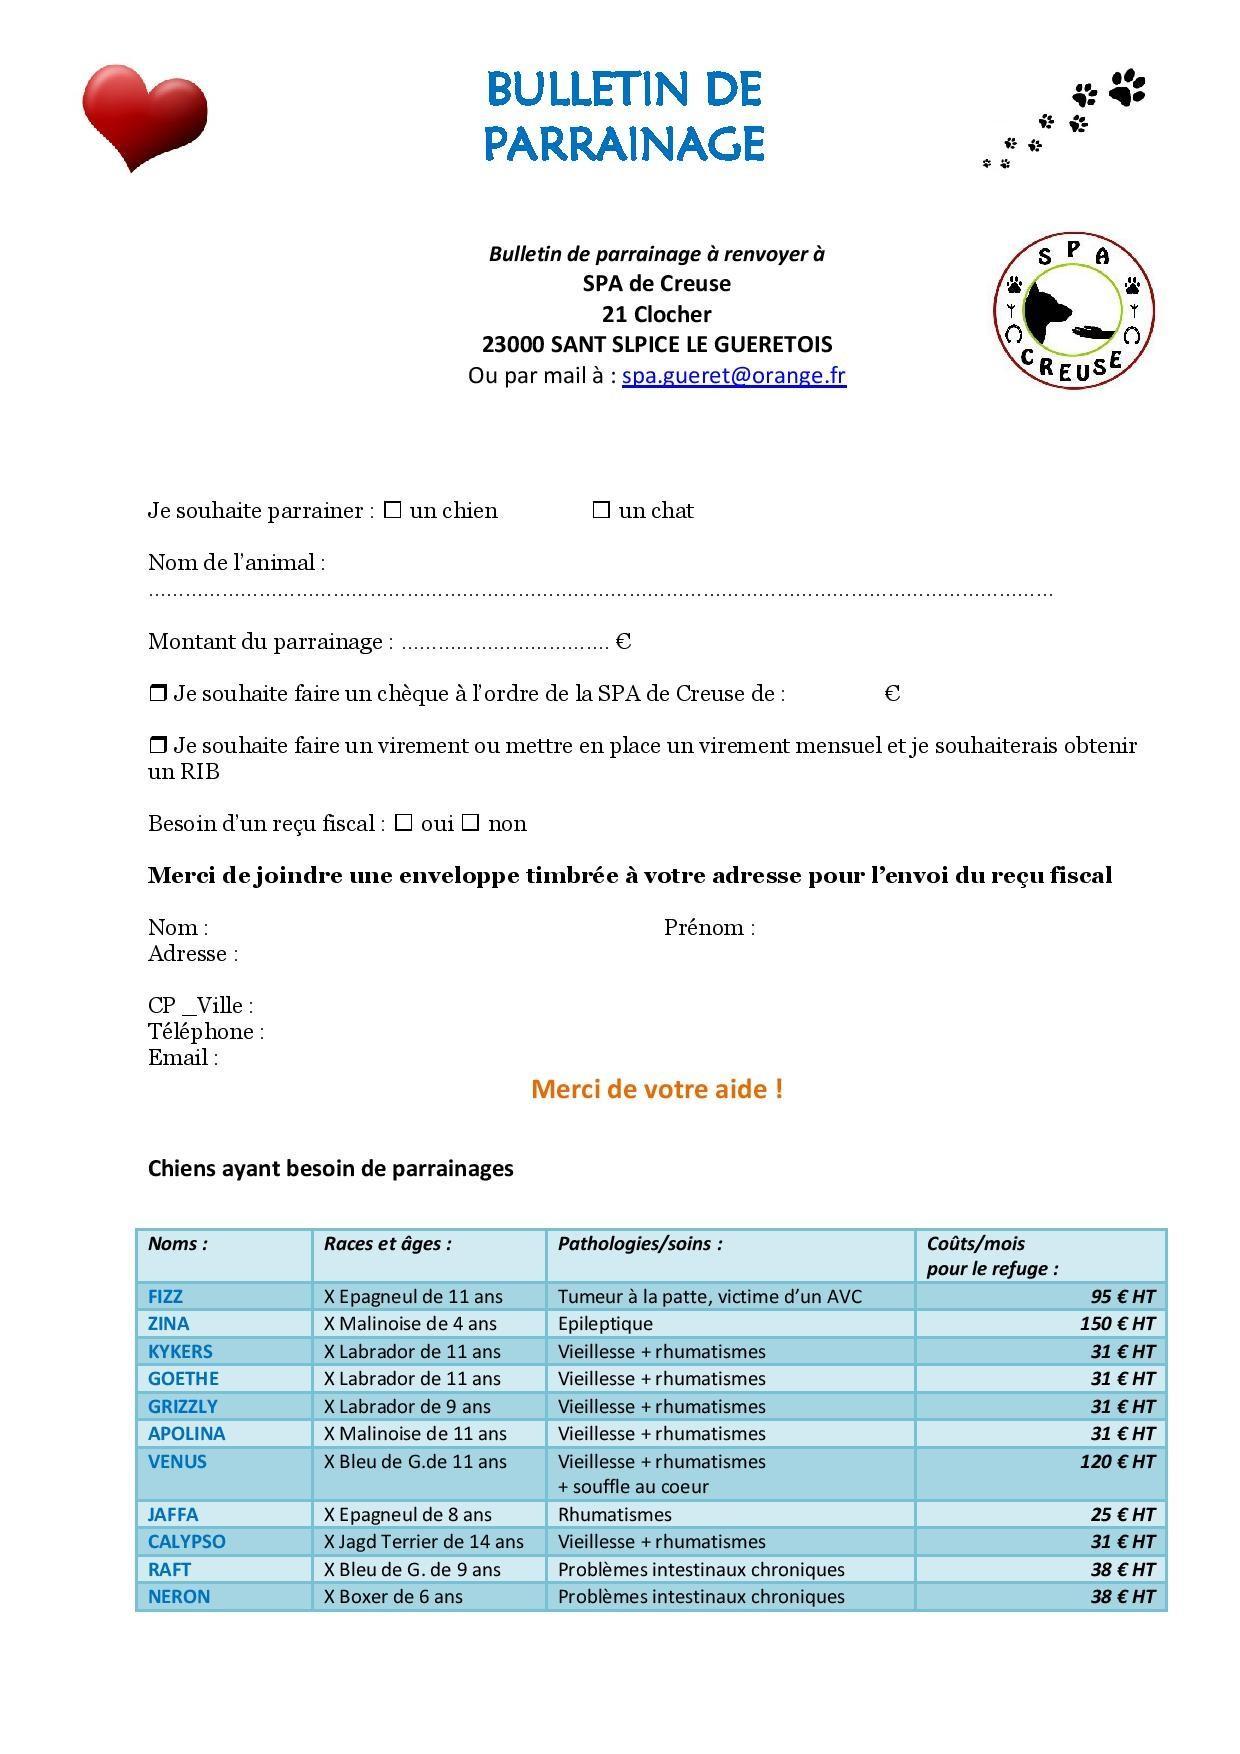 Bulletin de parrainage 2021 page 001